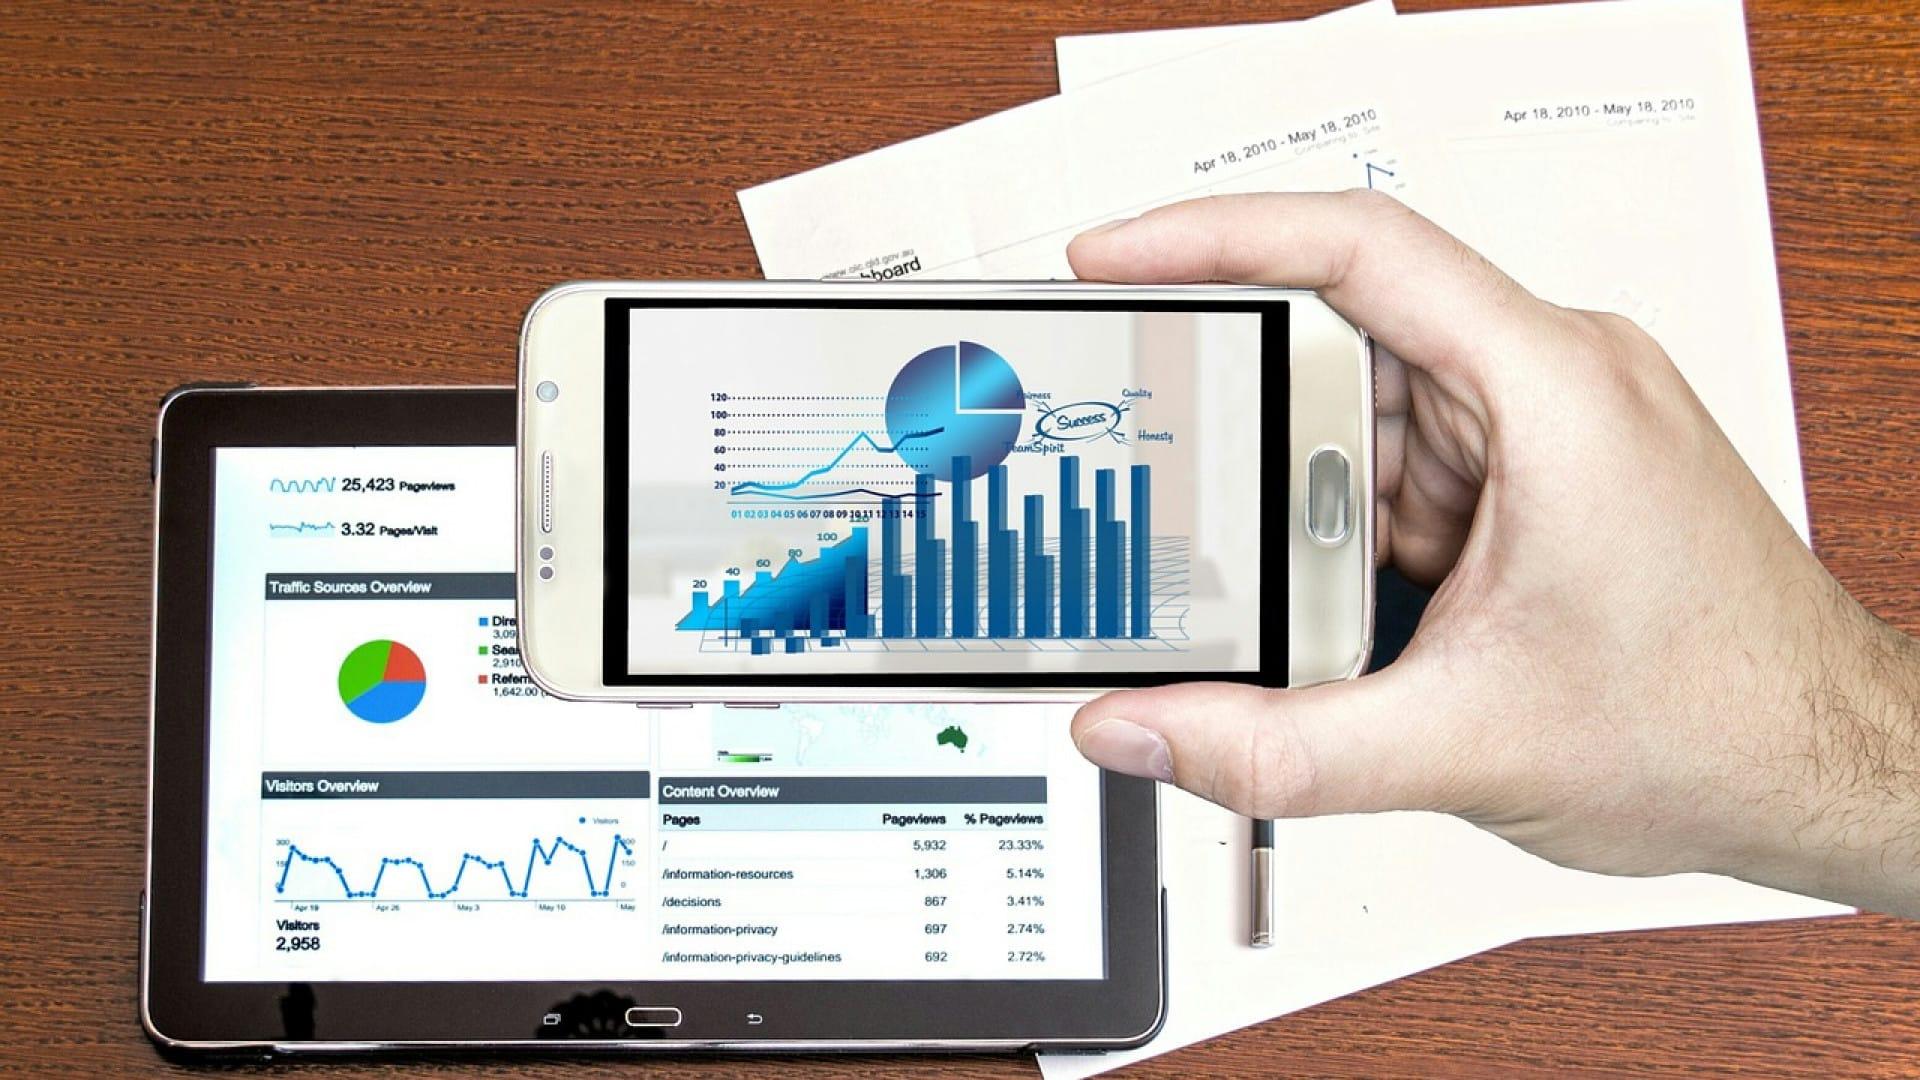 Le marketing digital pour booster votre entreprise